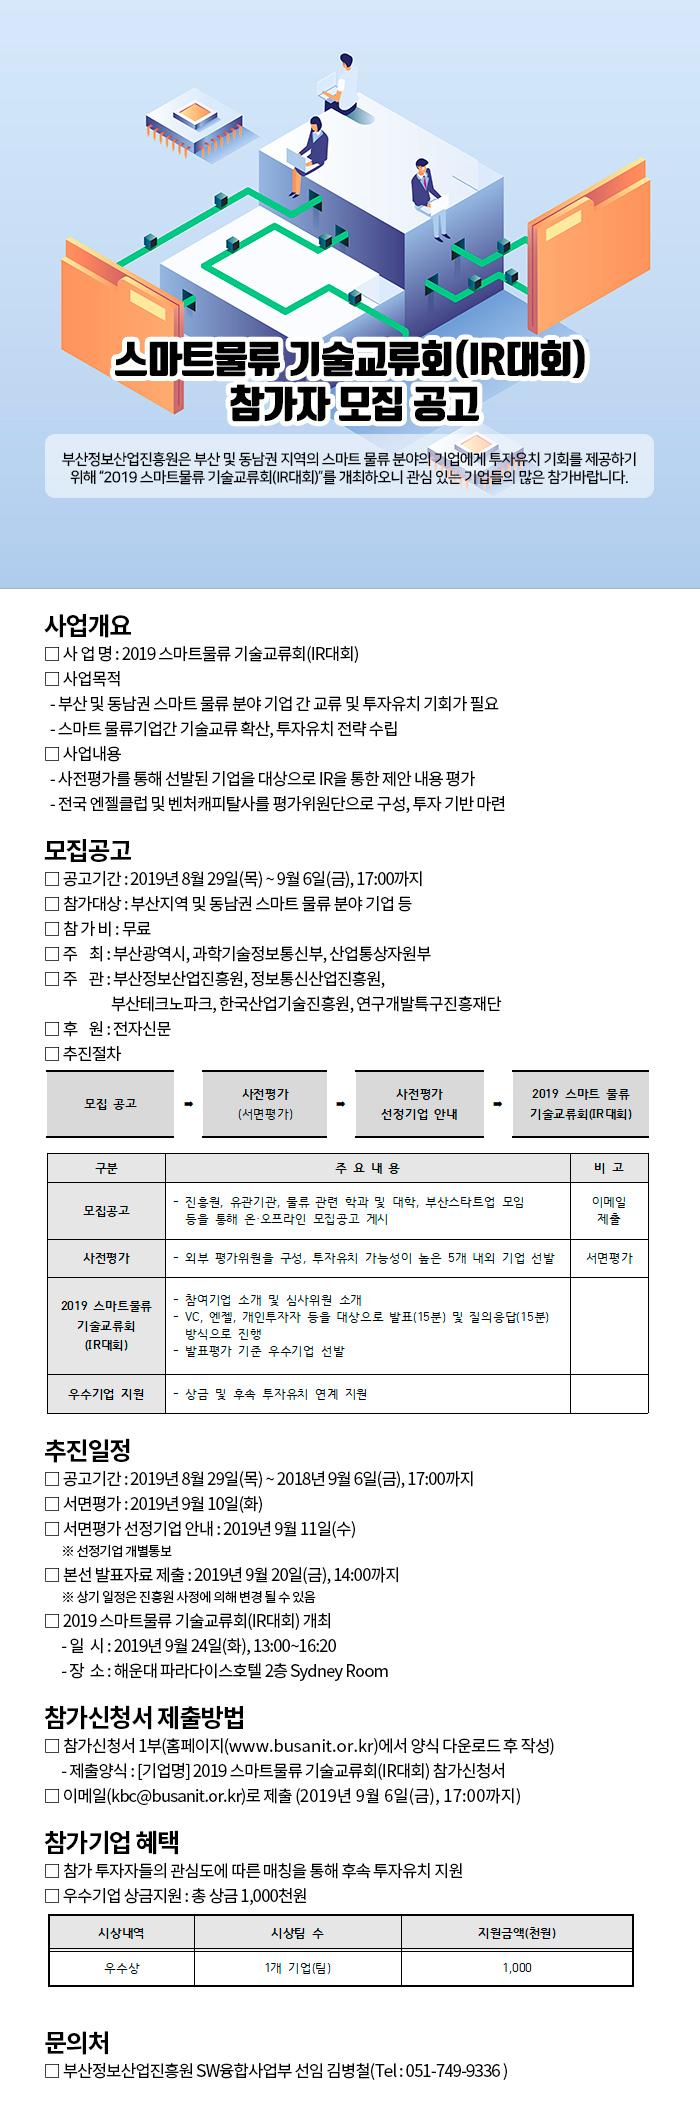 2019 스마트 물류 기술교류회 및 IR 모집공고